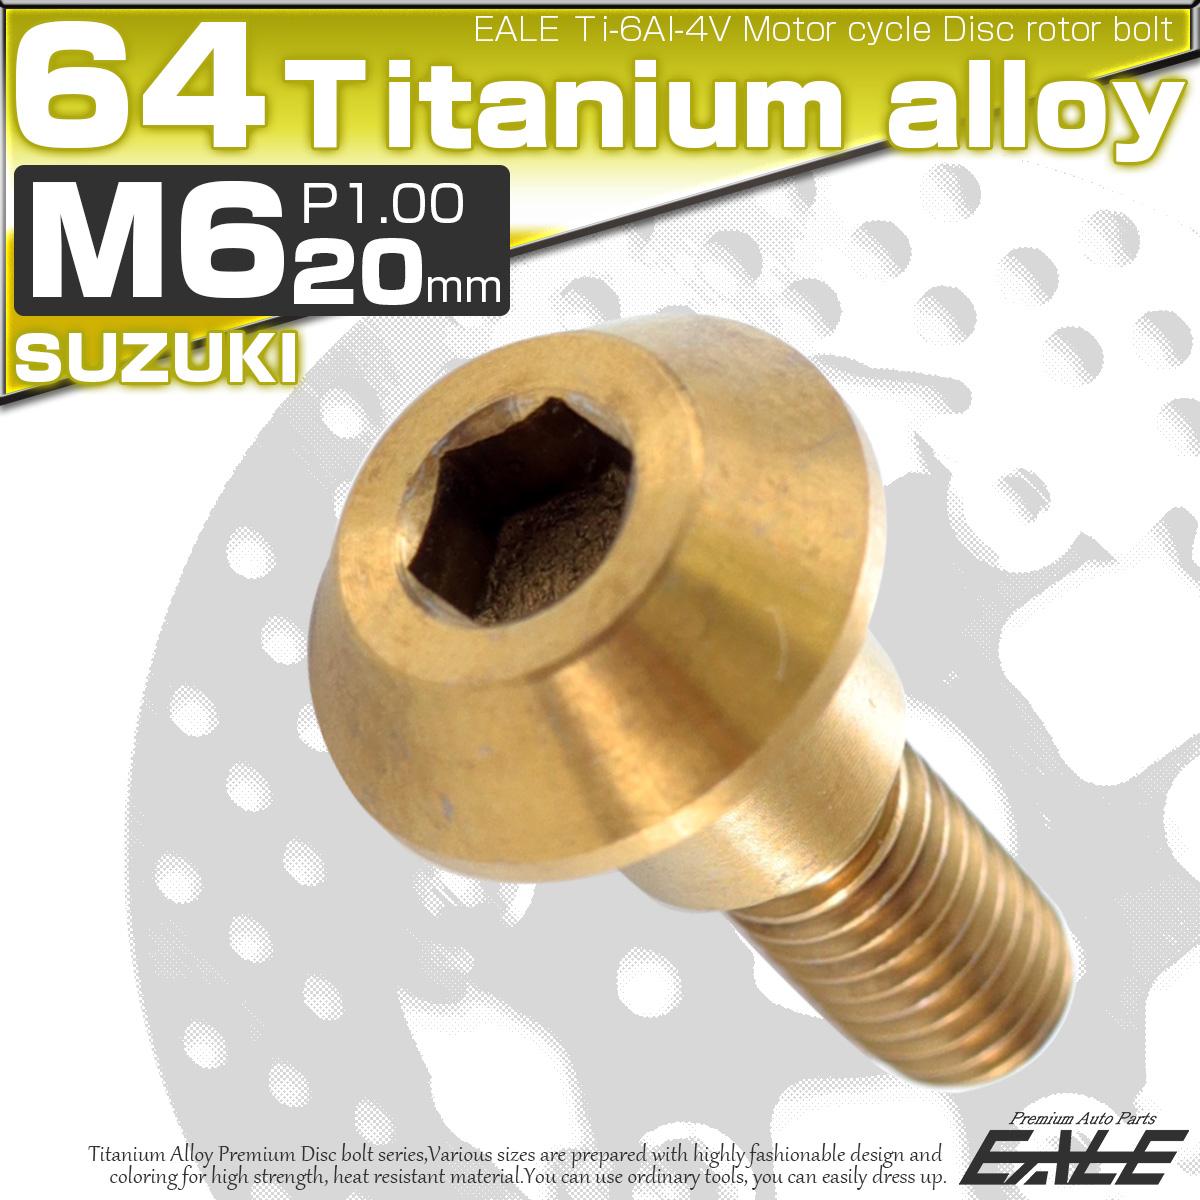 64チタン M6×20mm P=1.00 ブレーキディスク ローター ボルト スズキ車用 ゴールド 金色 JA073